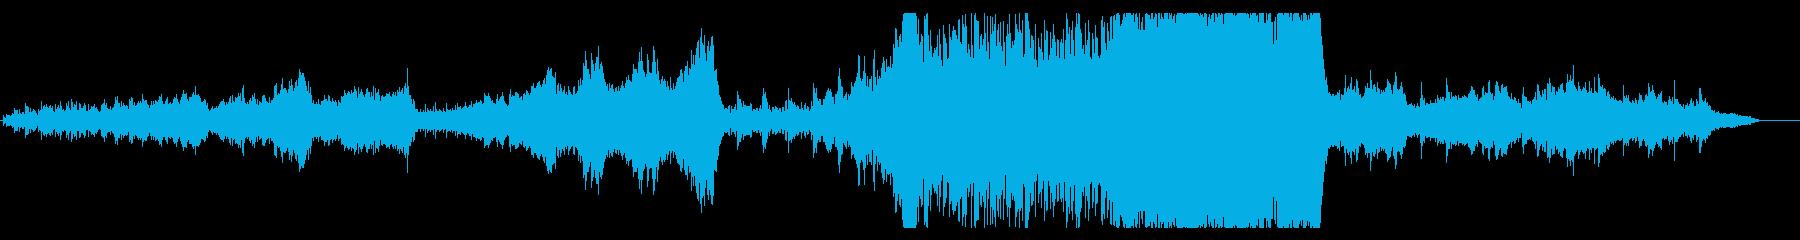 大自然壮大オーケストラ pno無の再生済みの波形